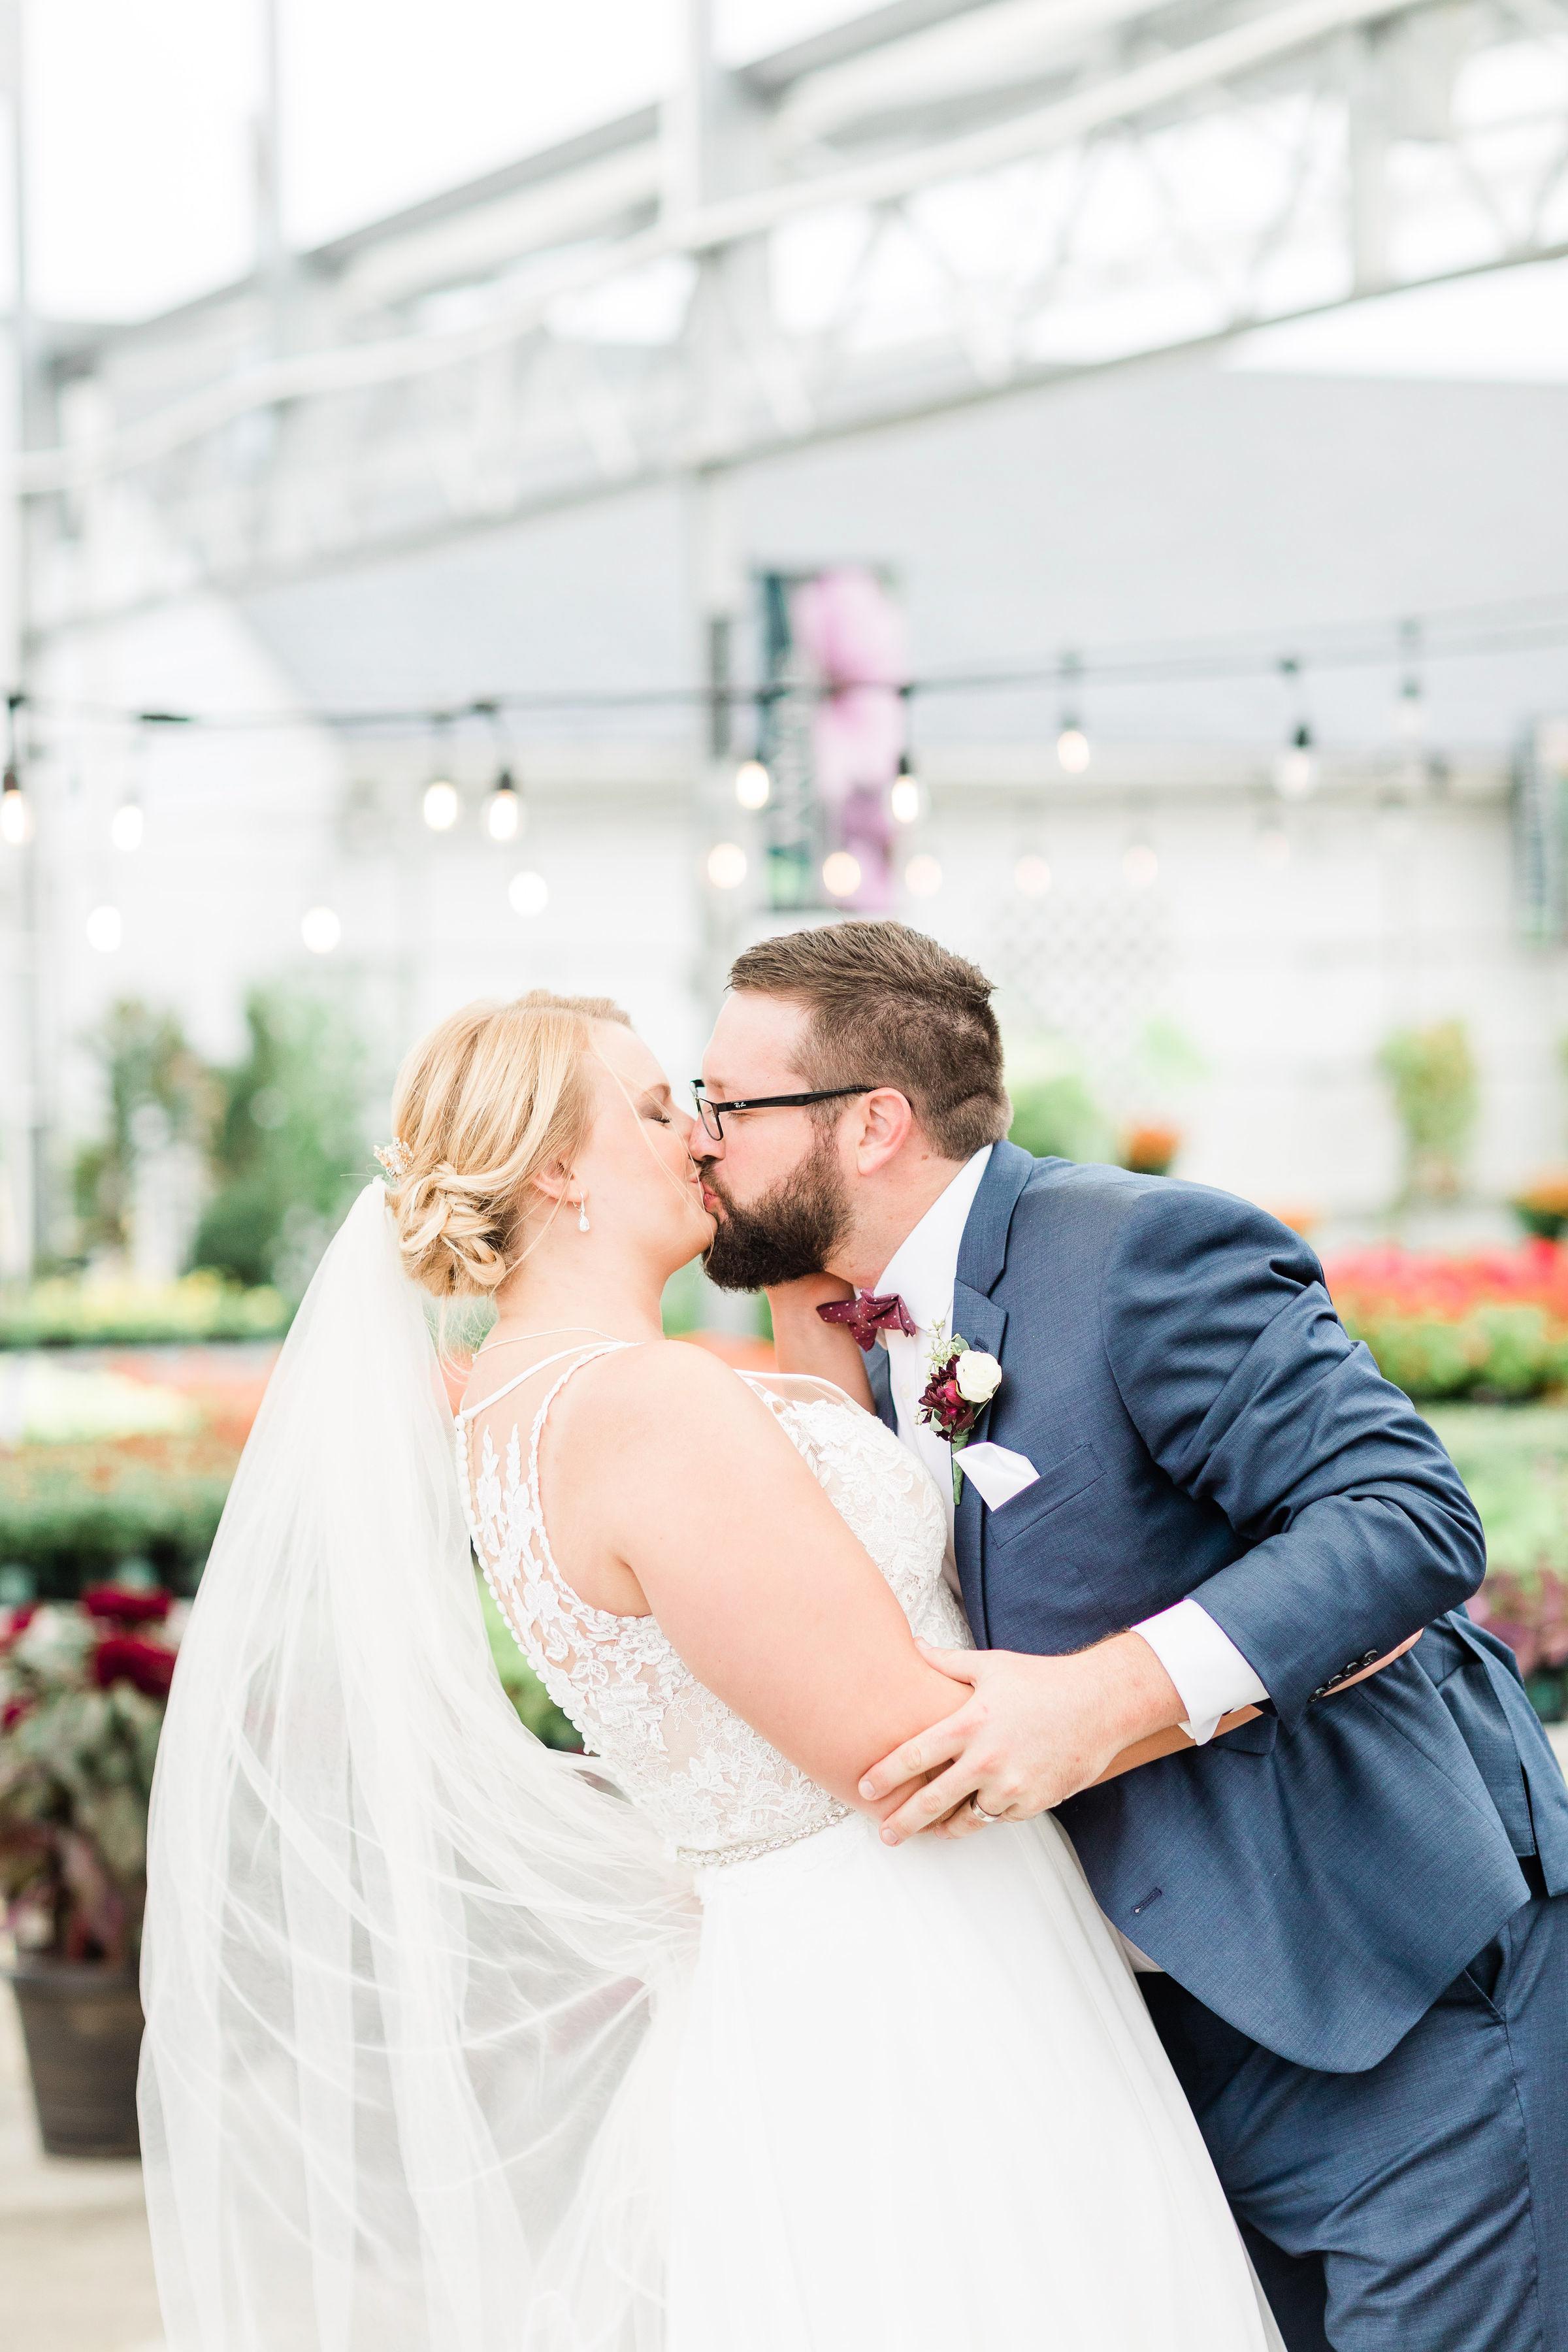 wedding photographers in cincinnati ohio-7.jpg